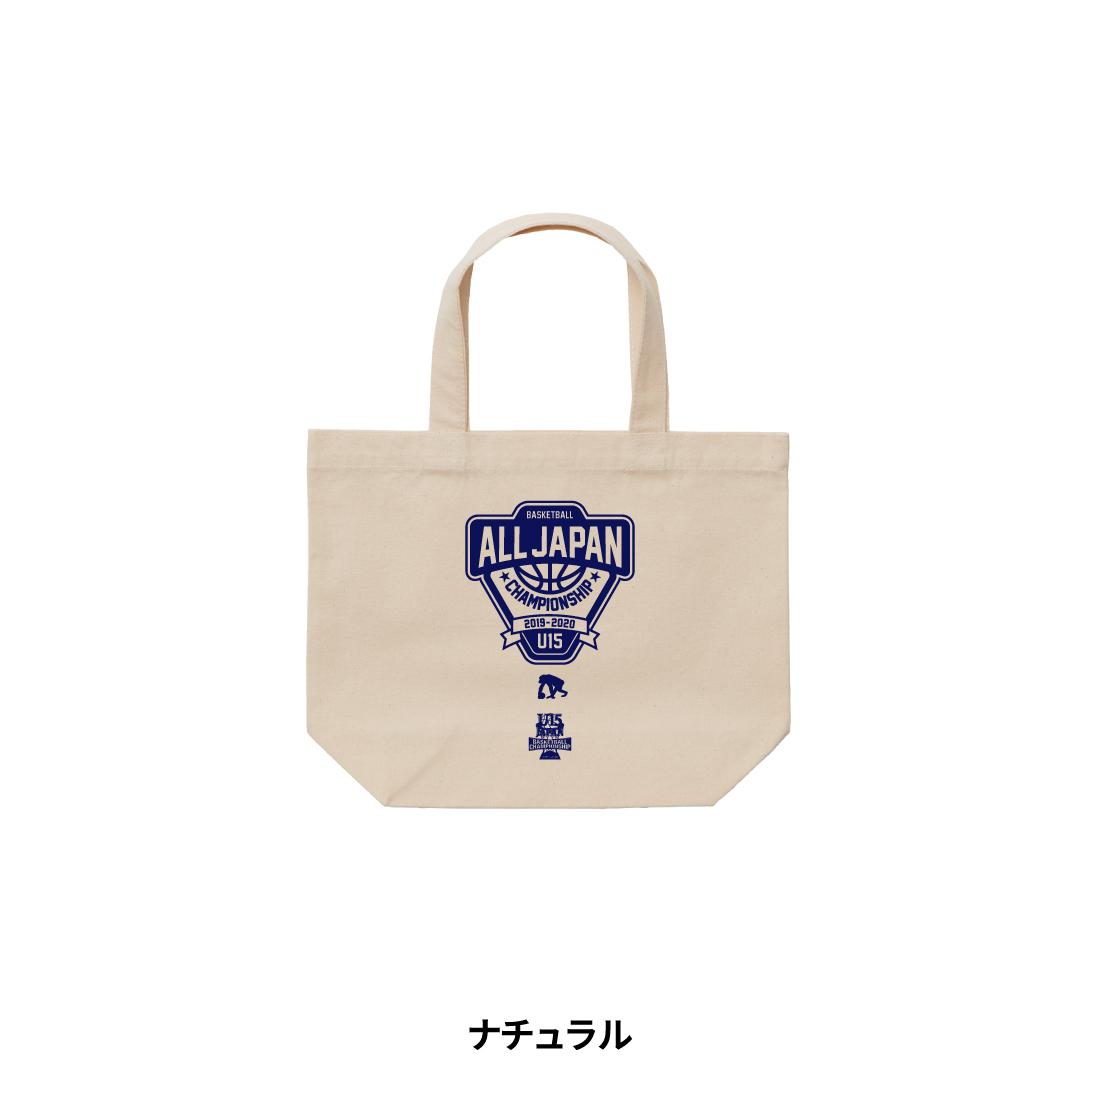 【全国U15限定】TOTE BAG (S) ナチュラル